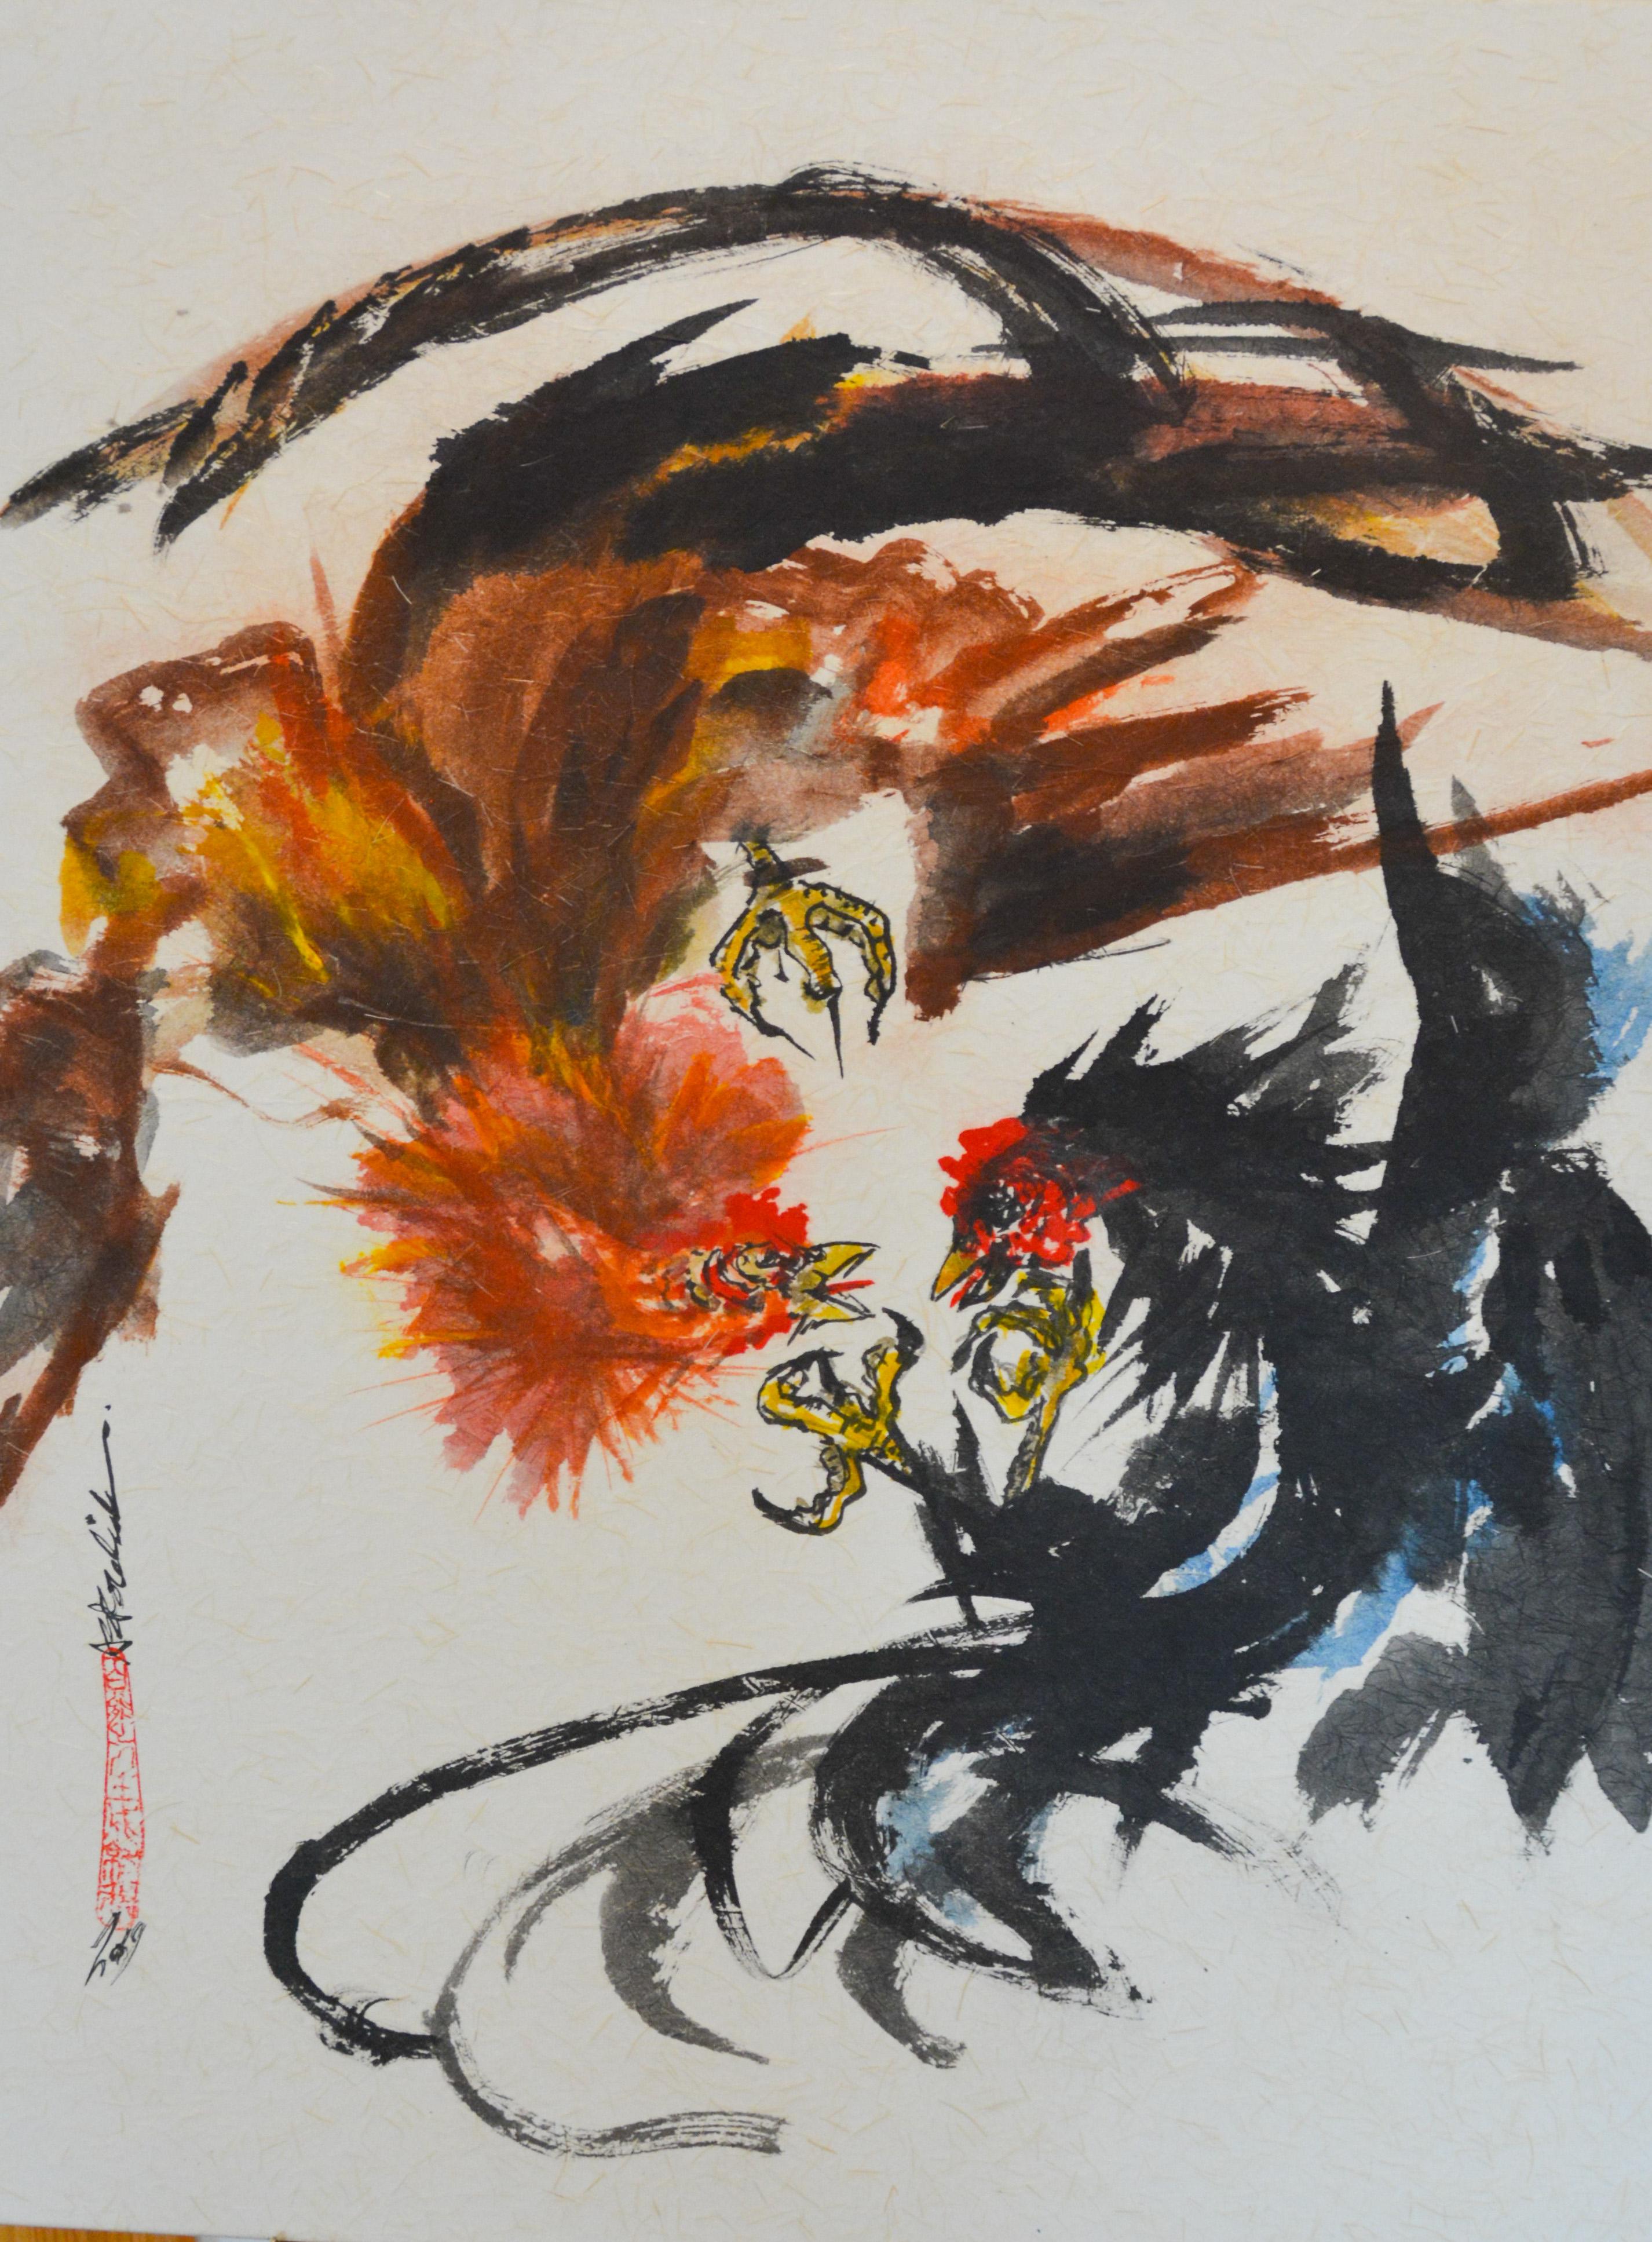 Palea de Gallos by  Ann Kozeliski - Masterpiece Online